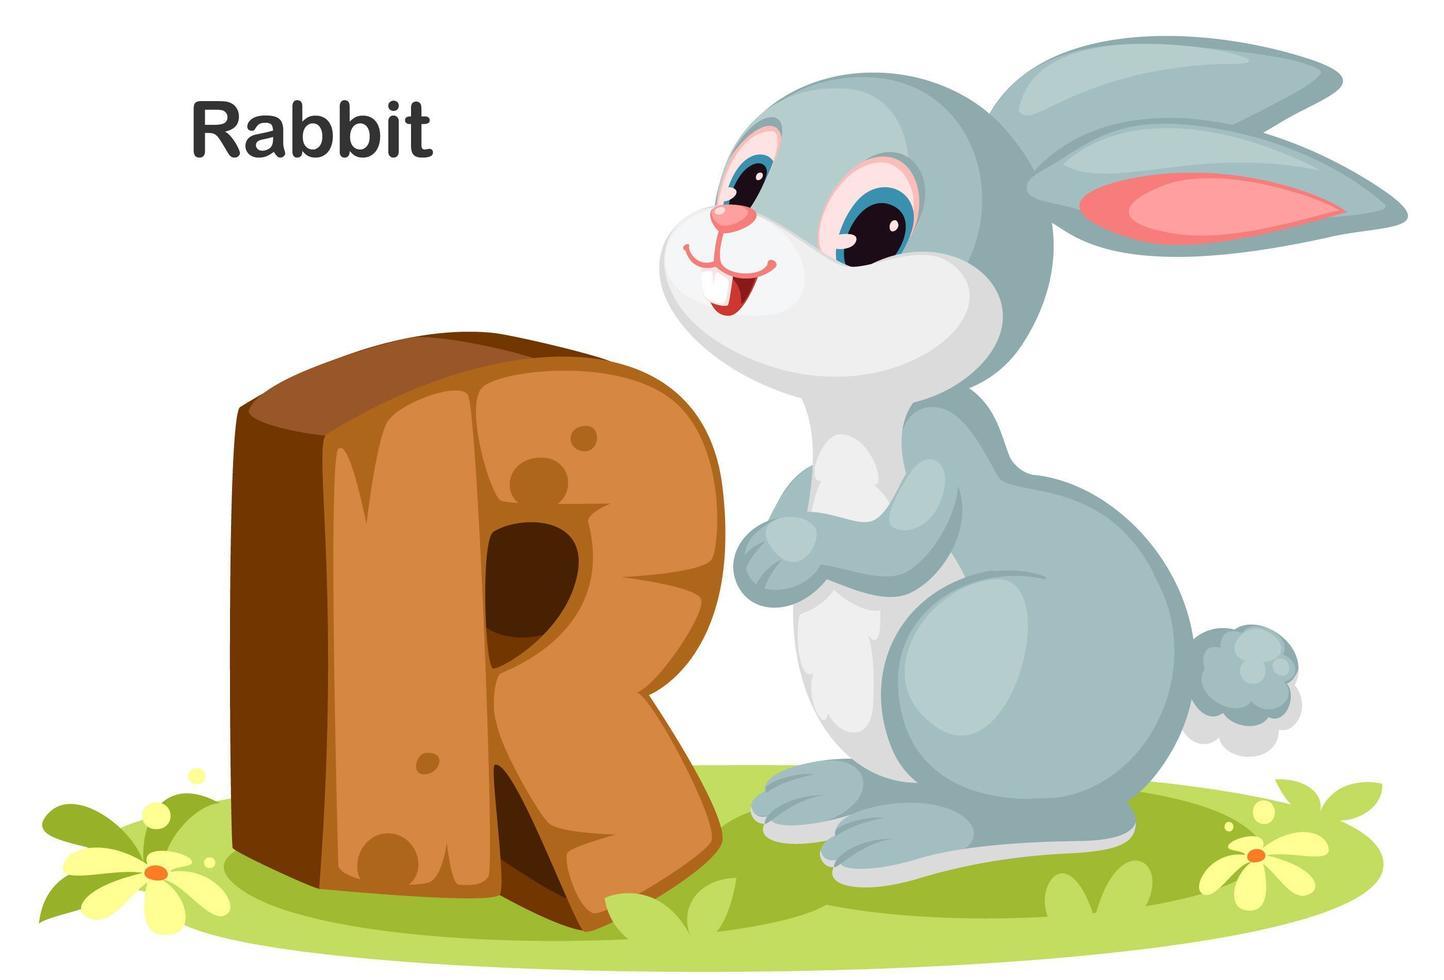 r voor konijn vector